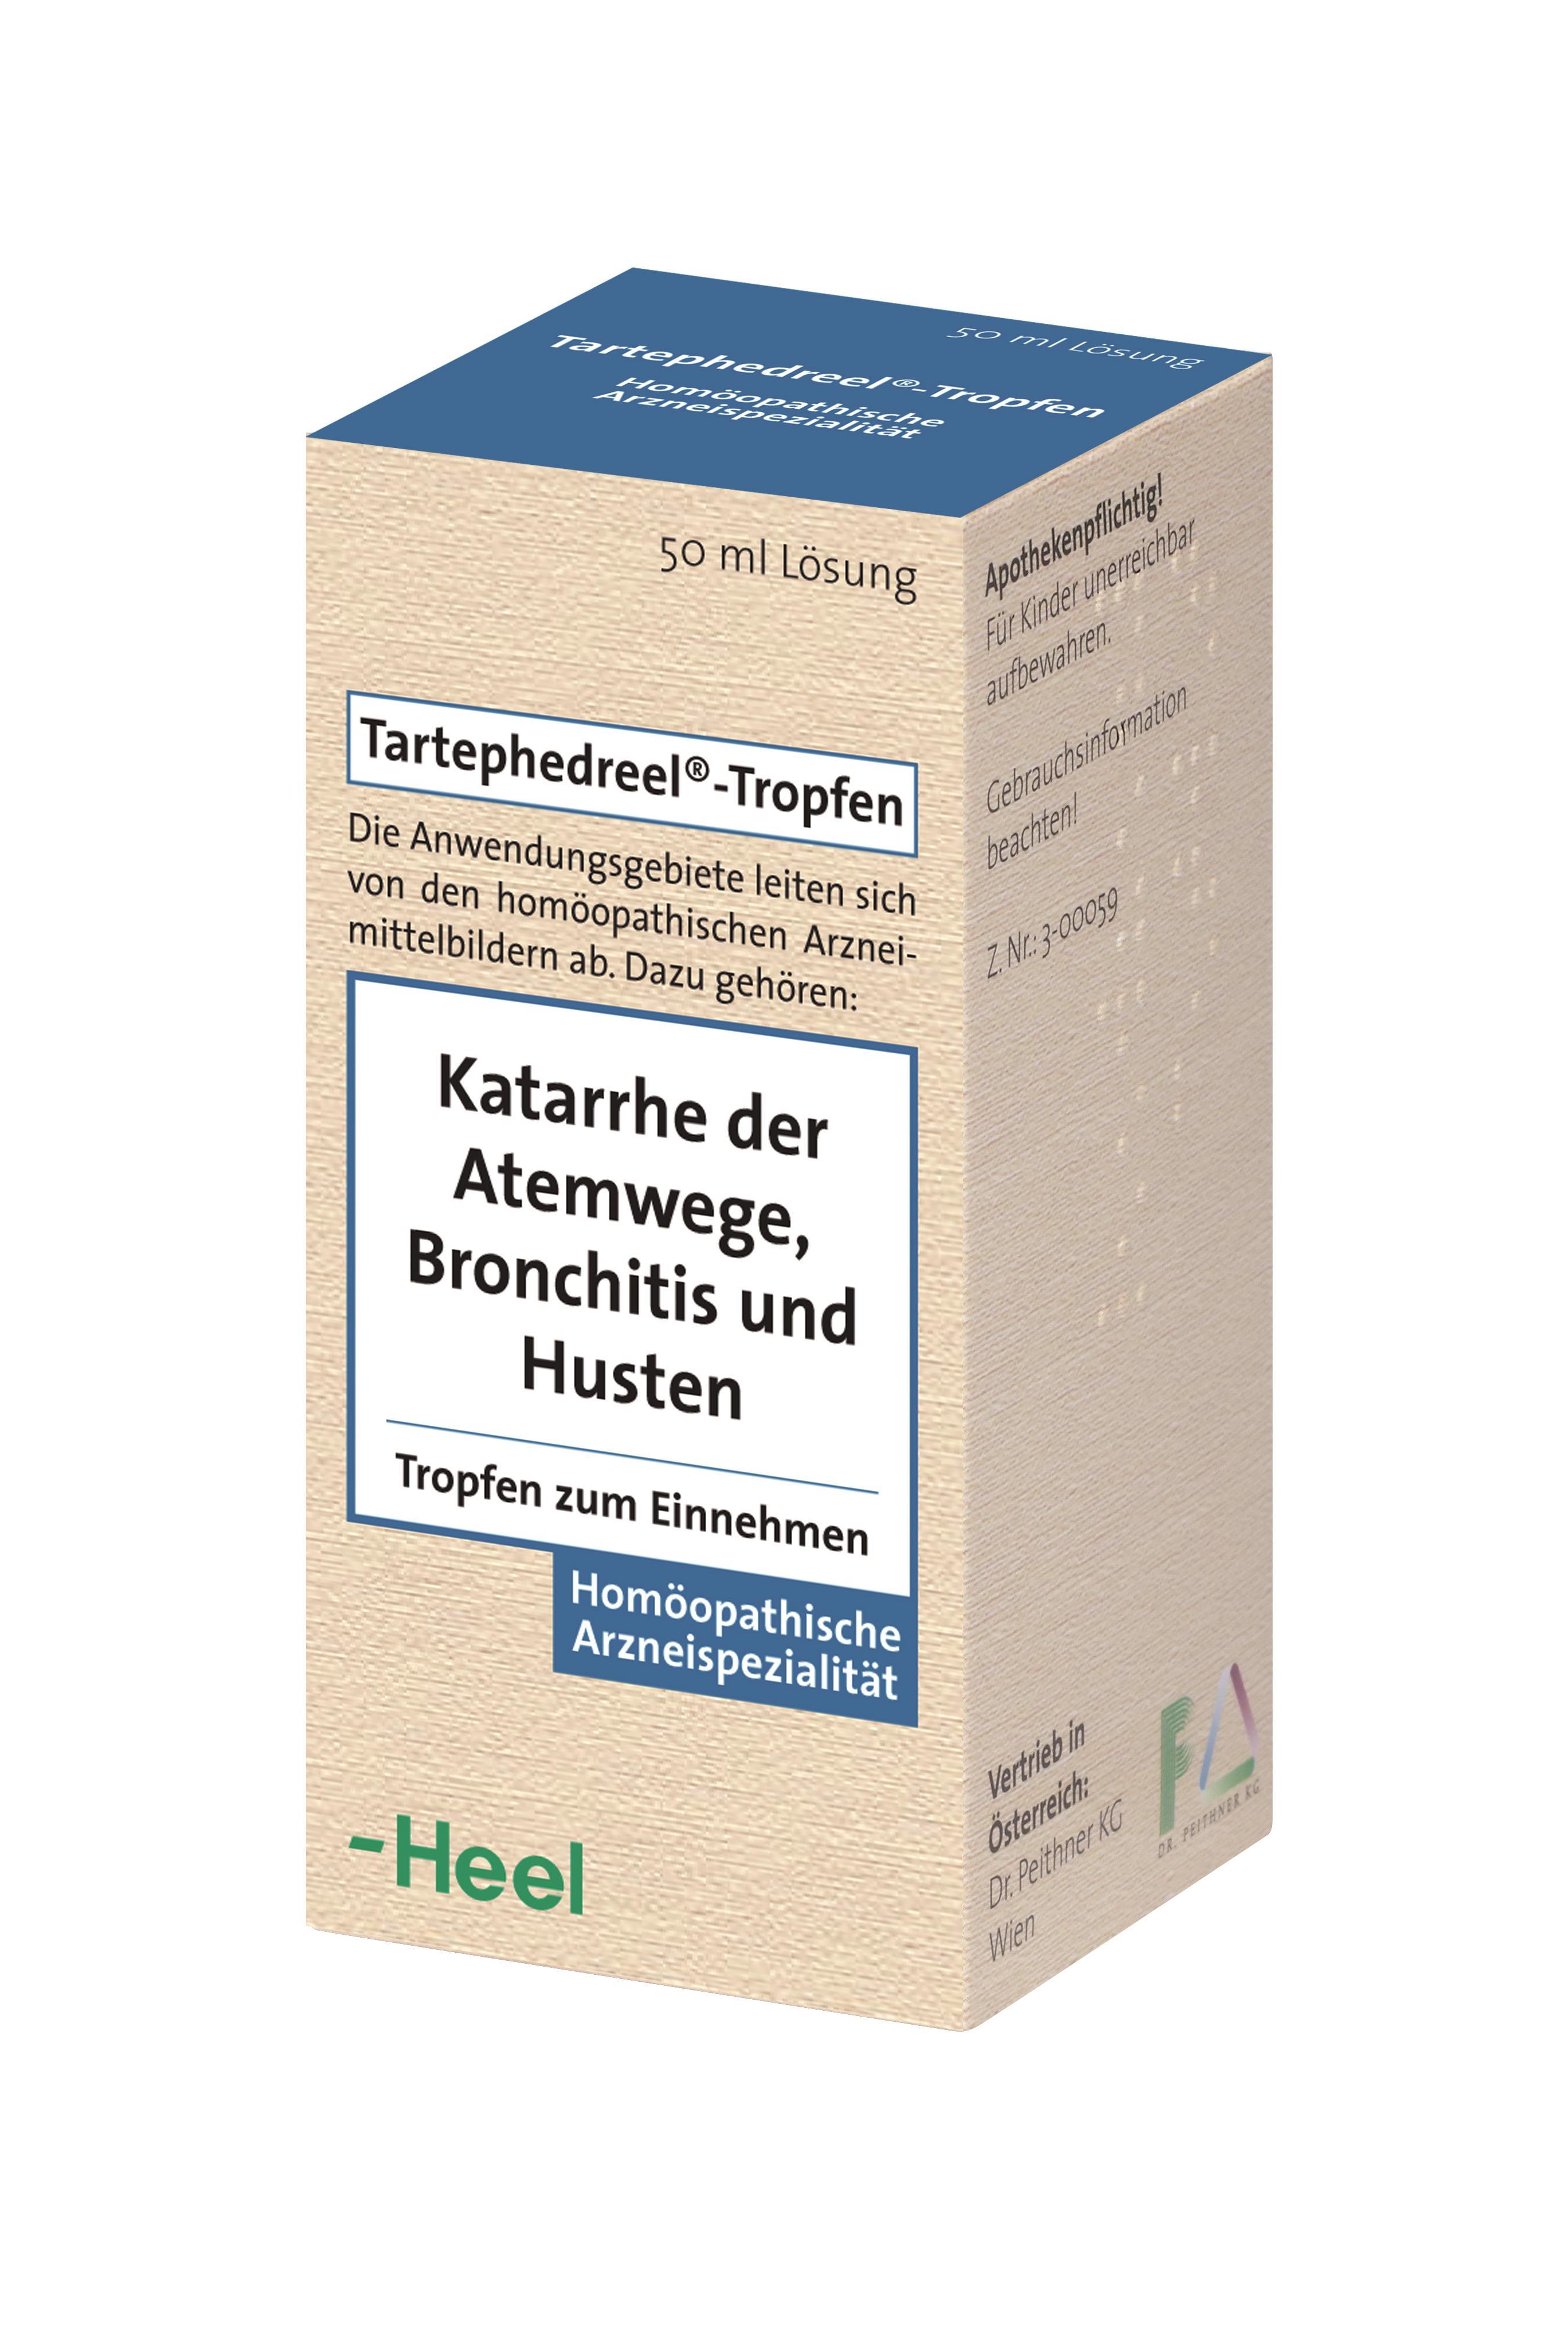 Tartephedreel - Tropfen